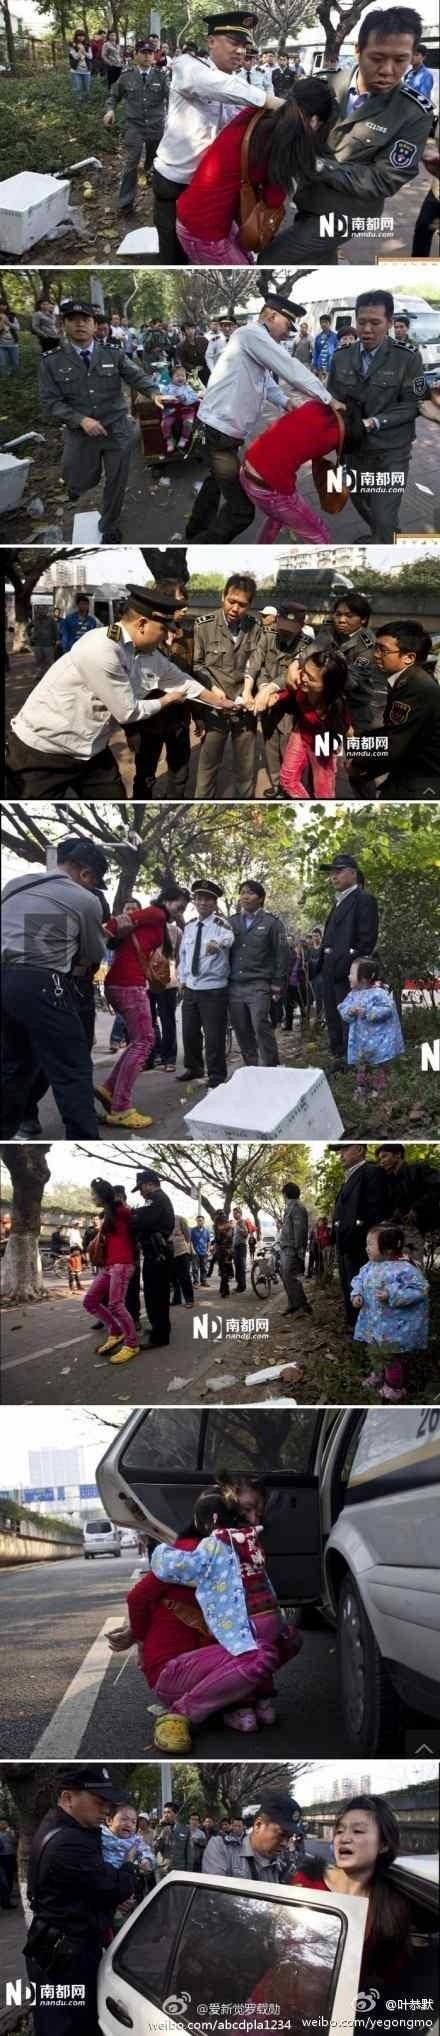 Chengguan bullies woman in Guangzhou